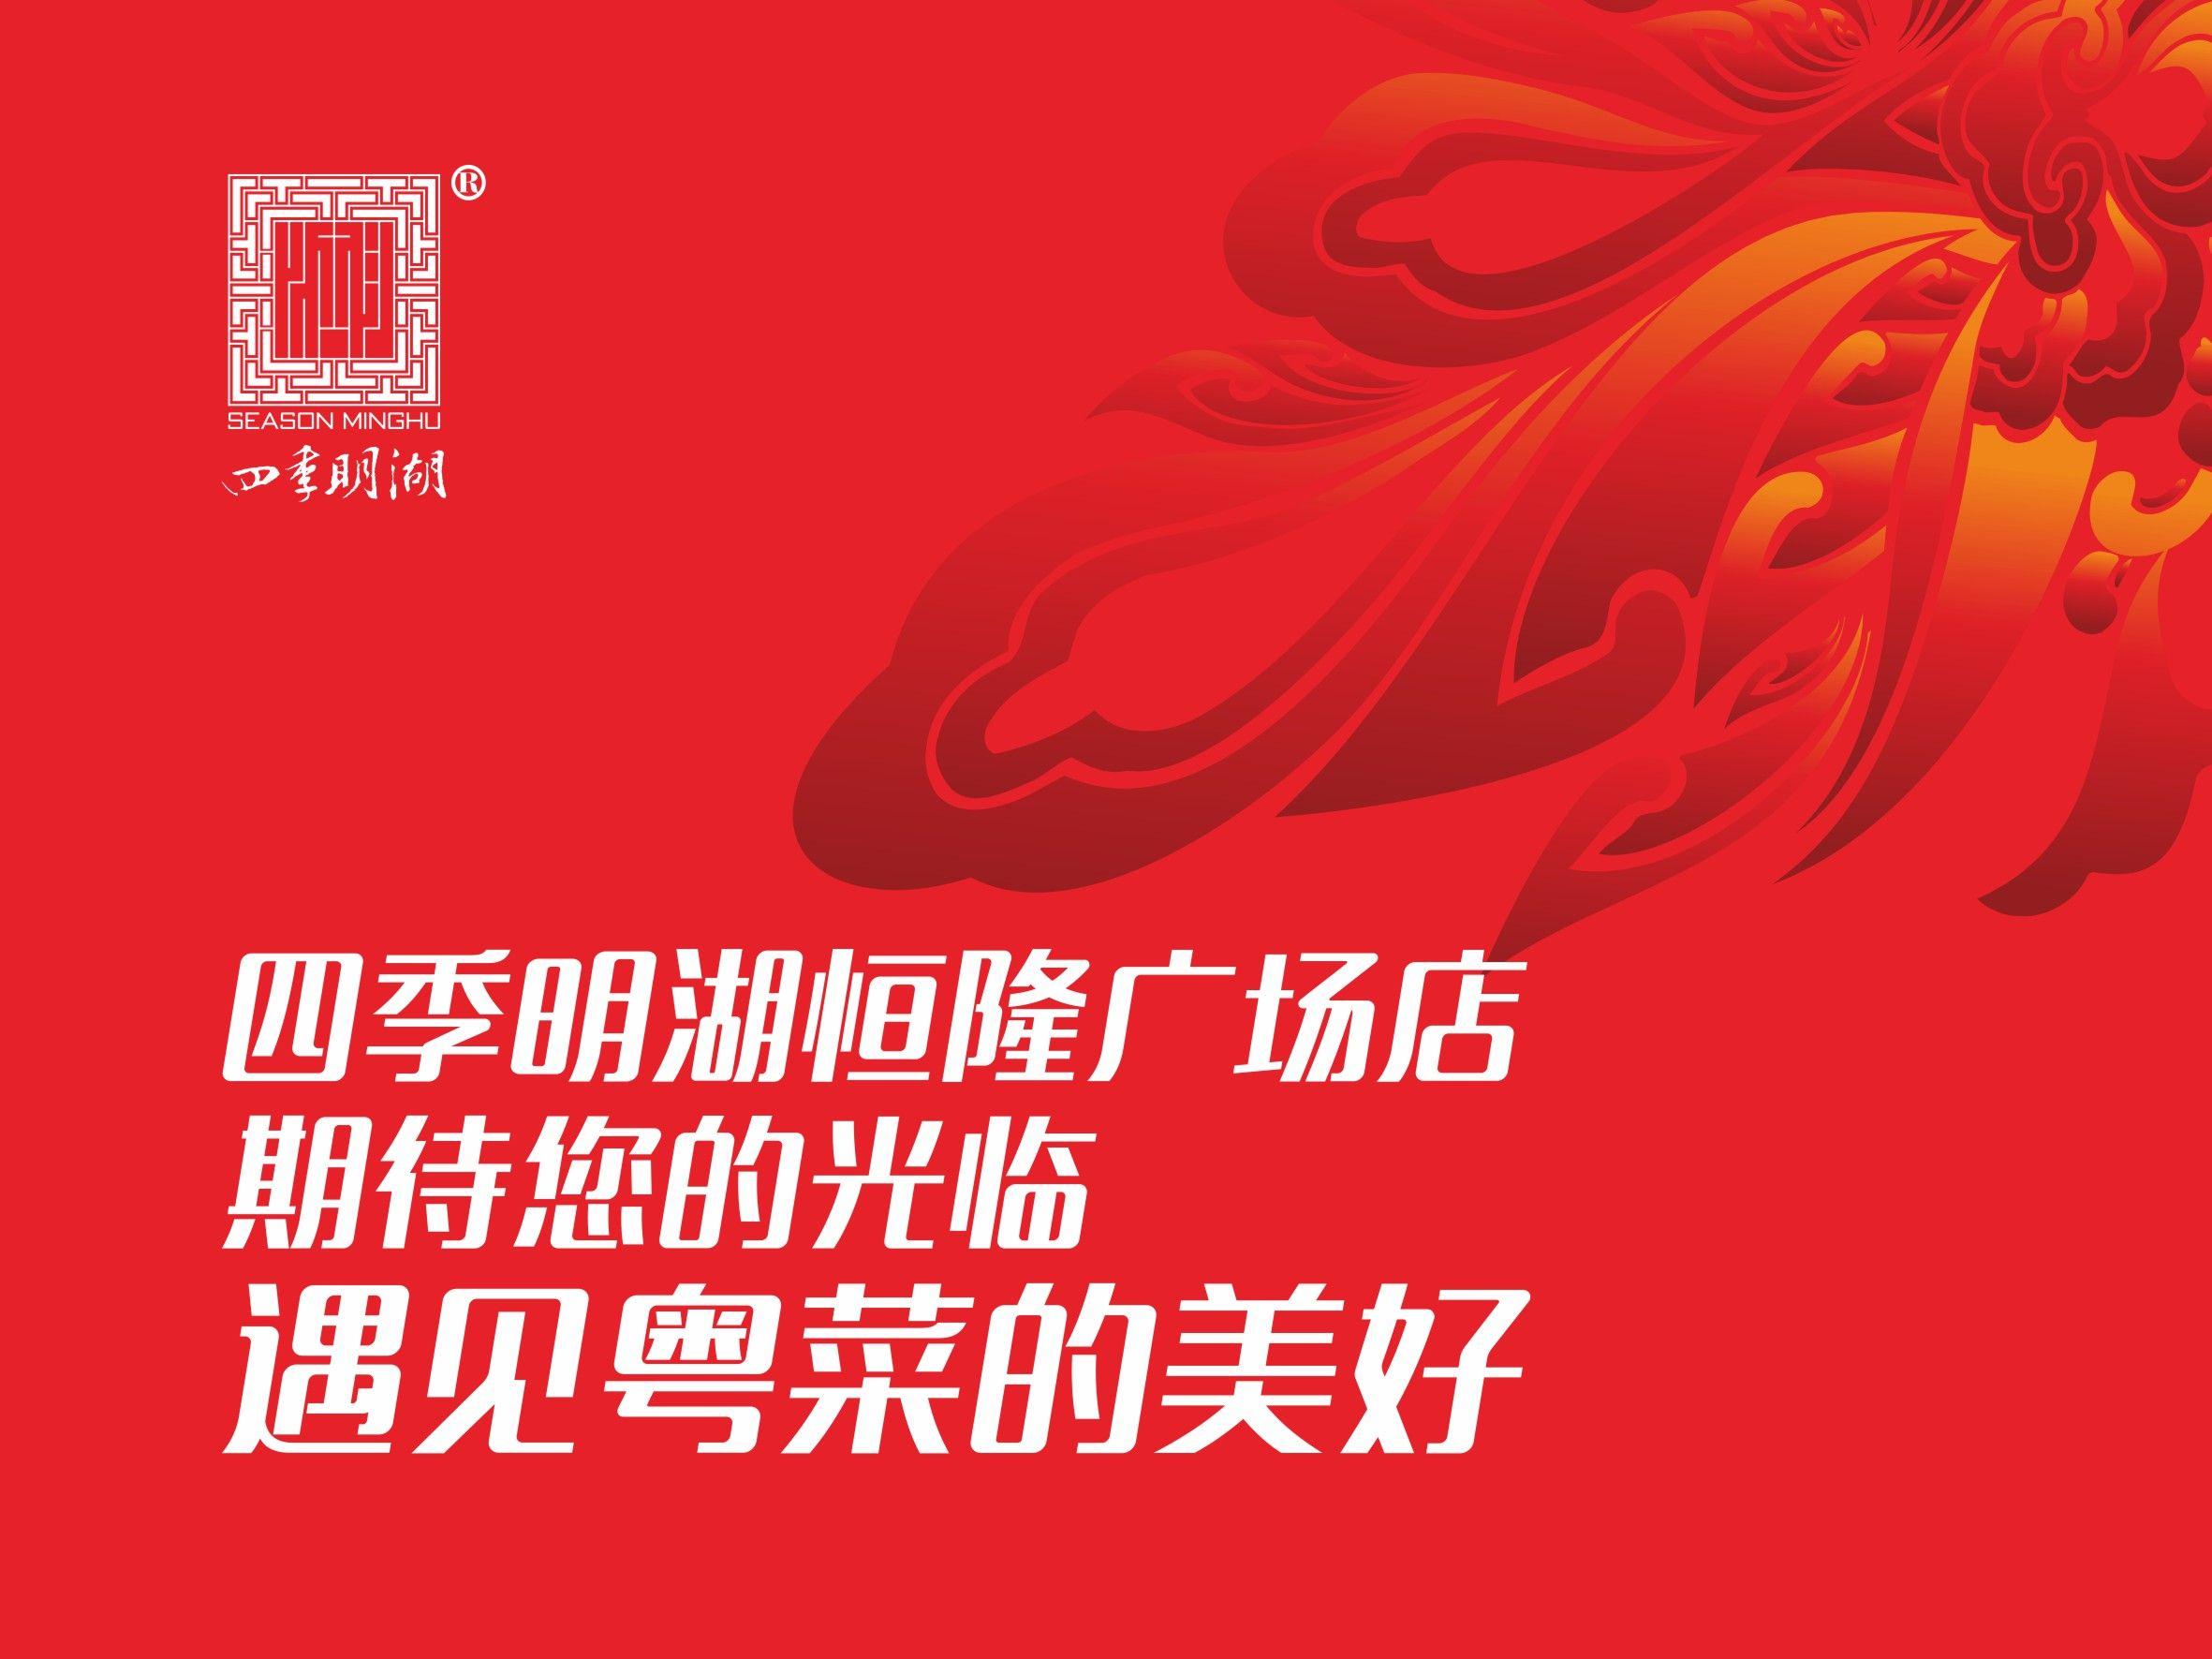 济南银座泉城大酒店附近吃粤菜的餐馆